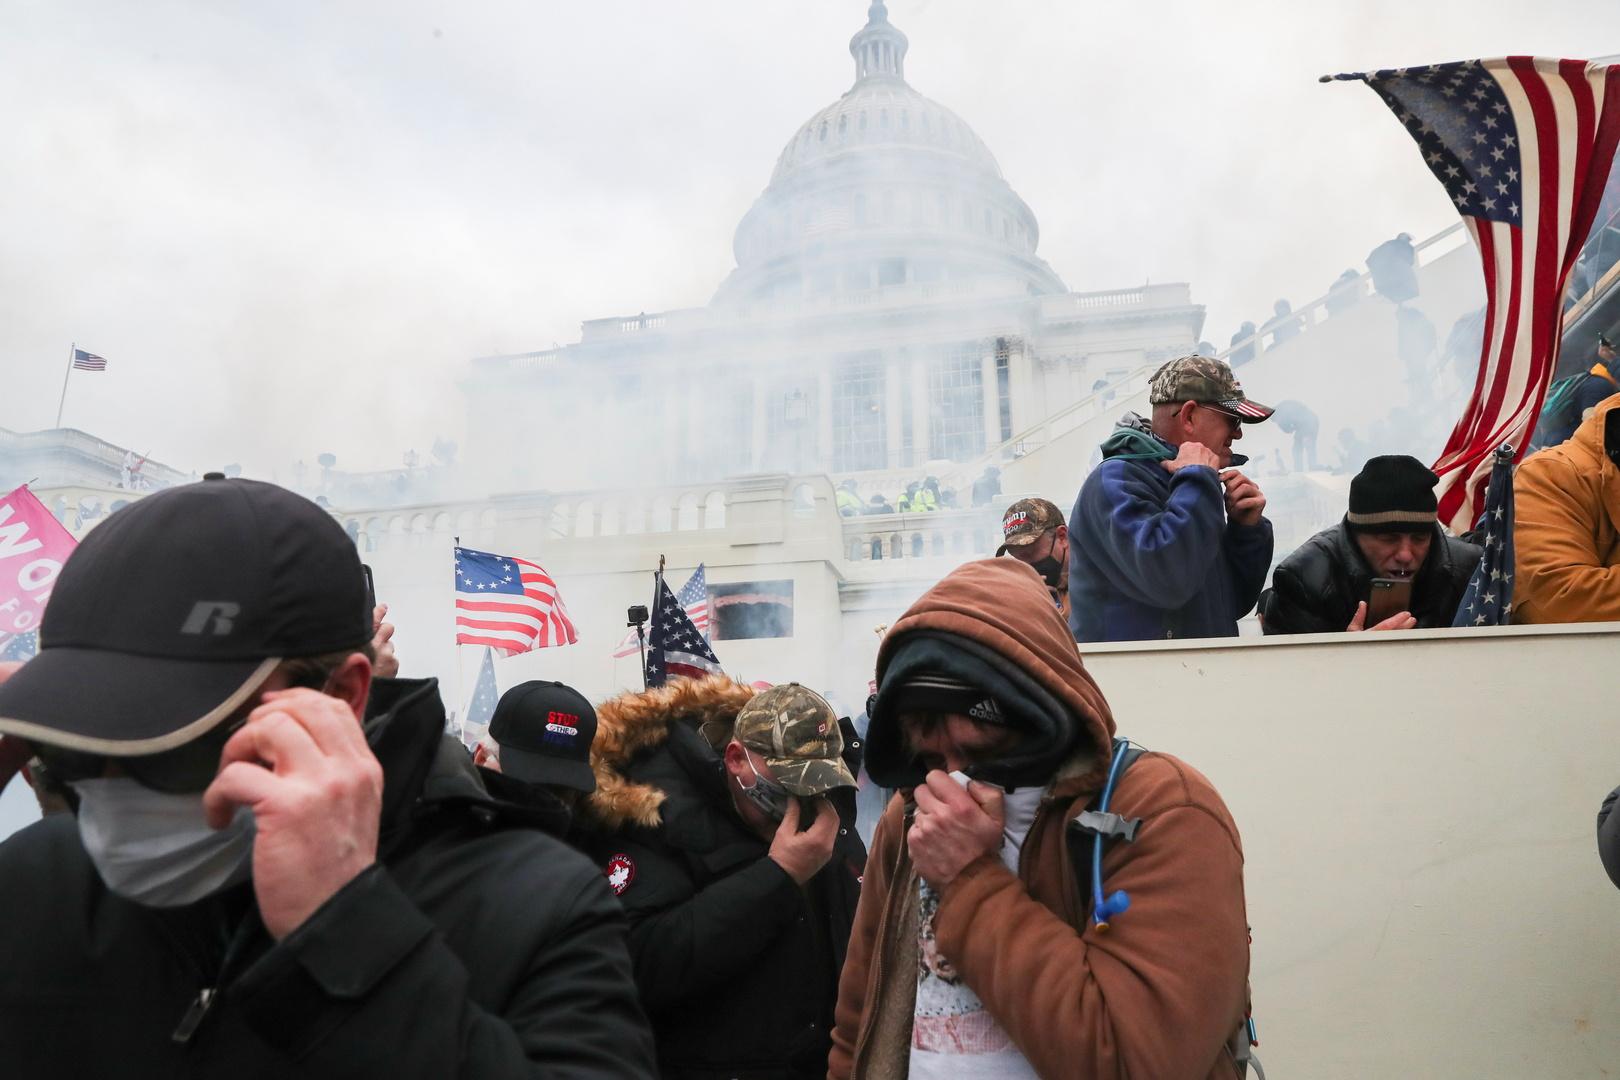 الداخلية الأمريكية ترسل تعزيزات إضافية إلى مبنى الكابيتول للسيطرة على العنف